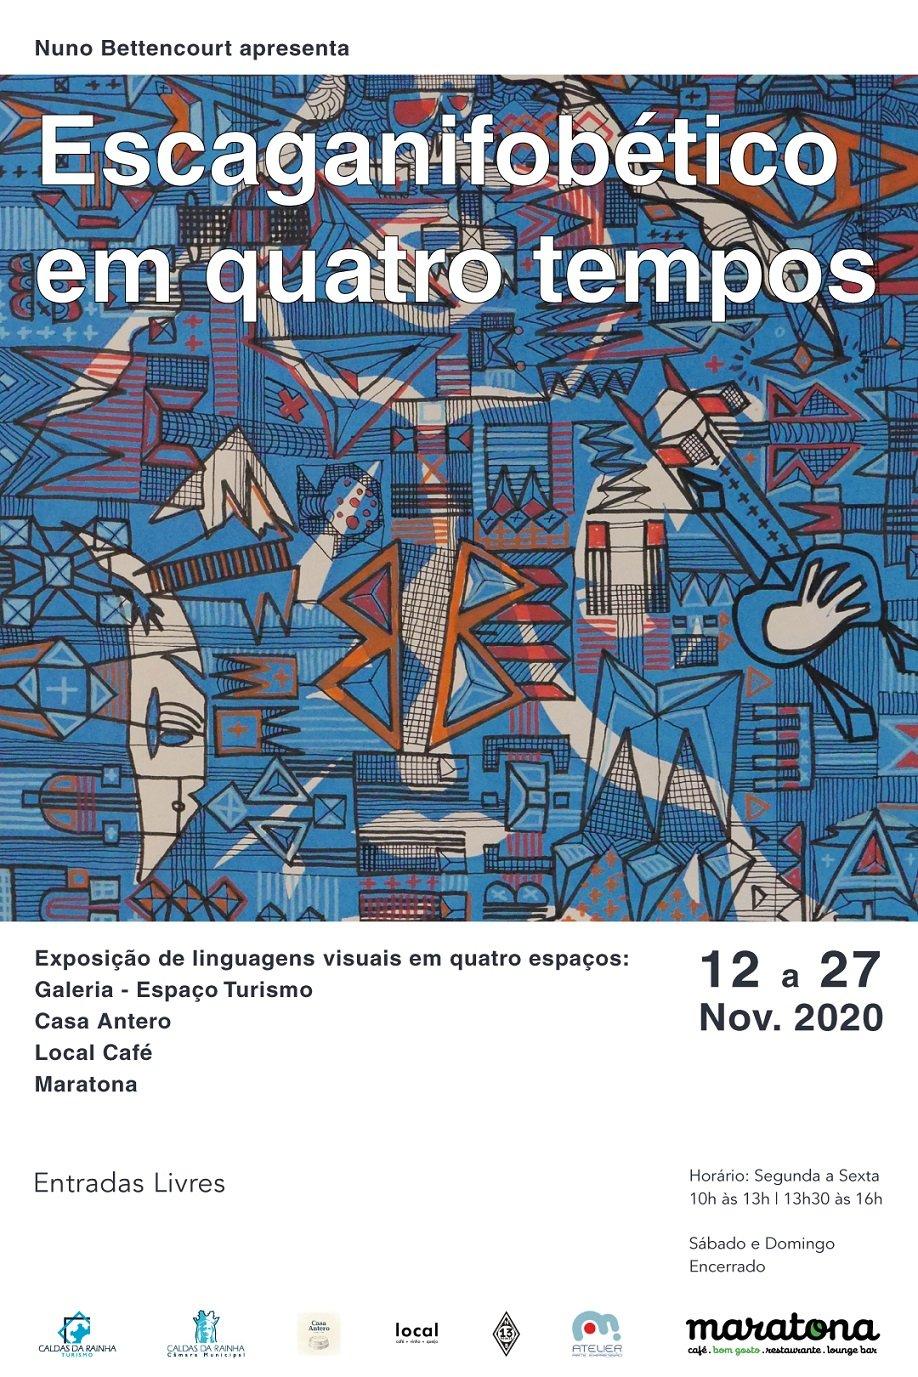 Exposição 'Escaganifobético em quatro tempos', de Nuno Bettencourt